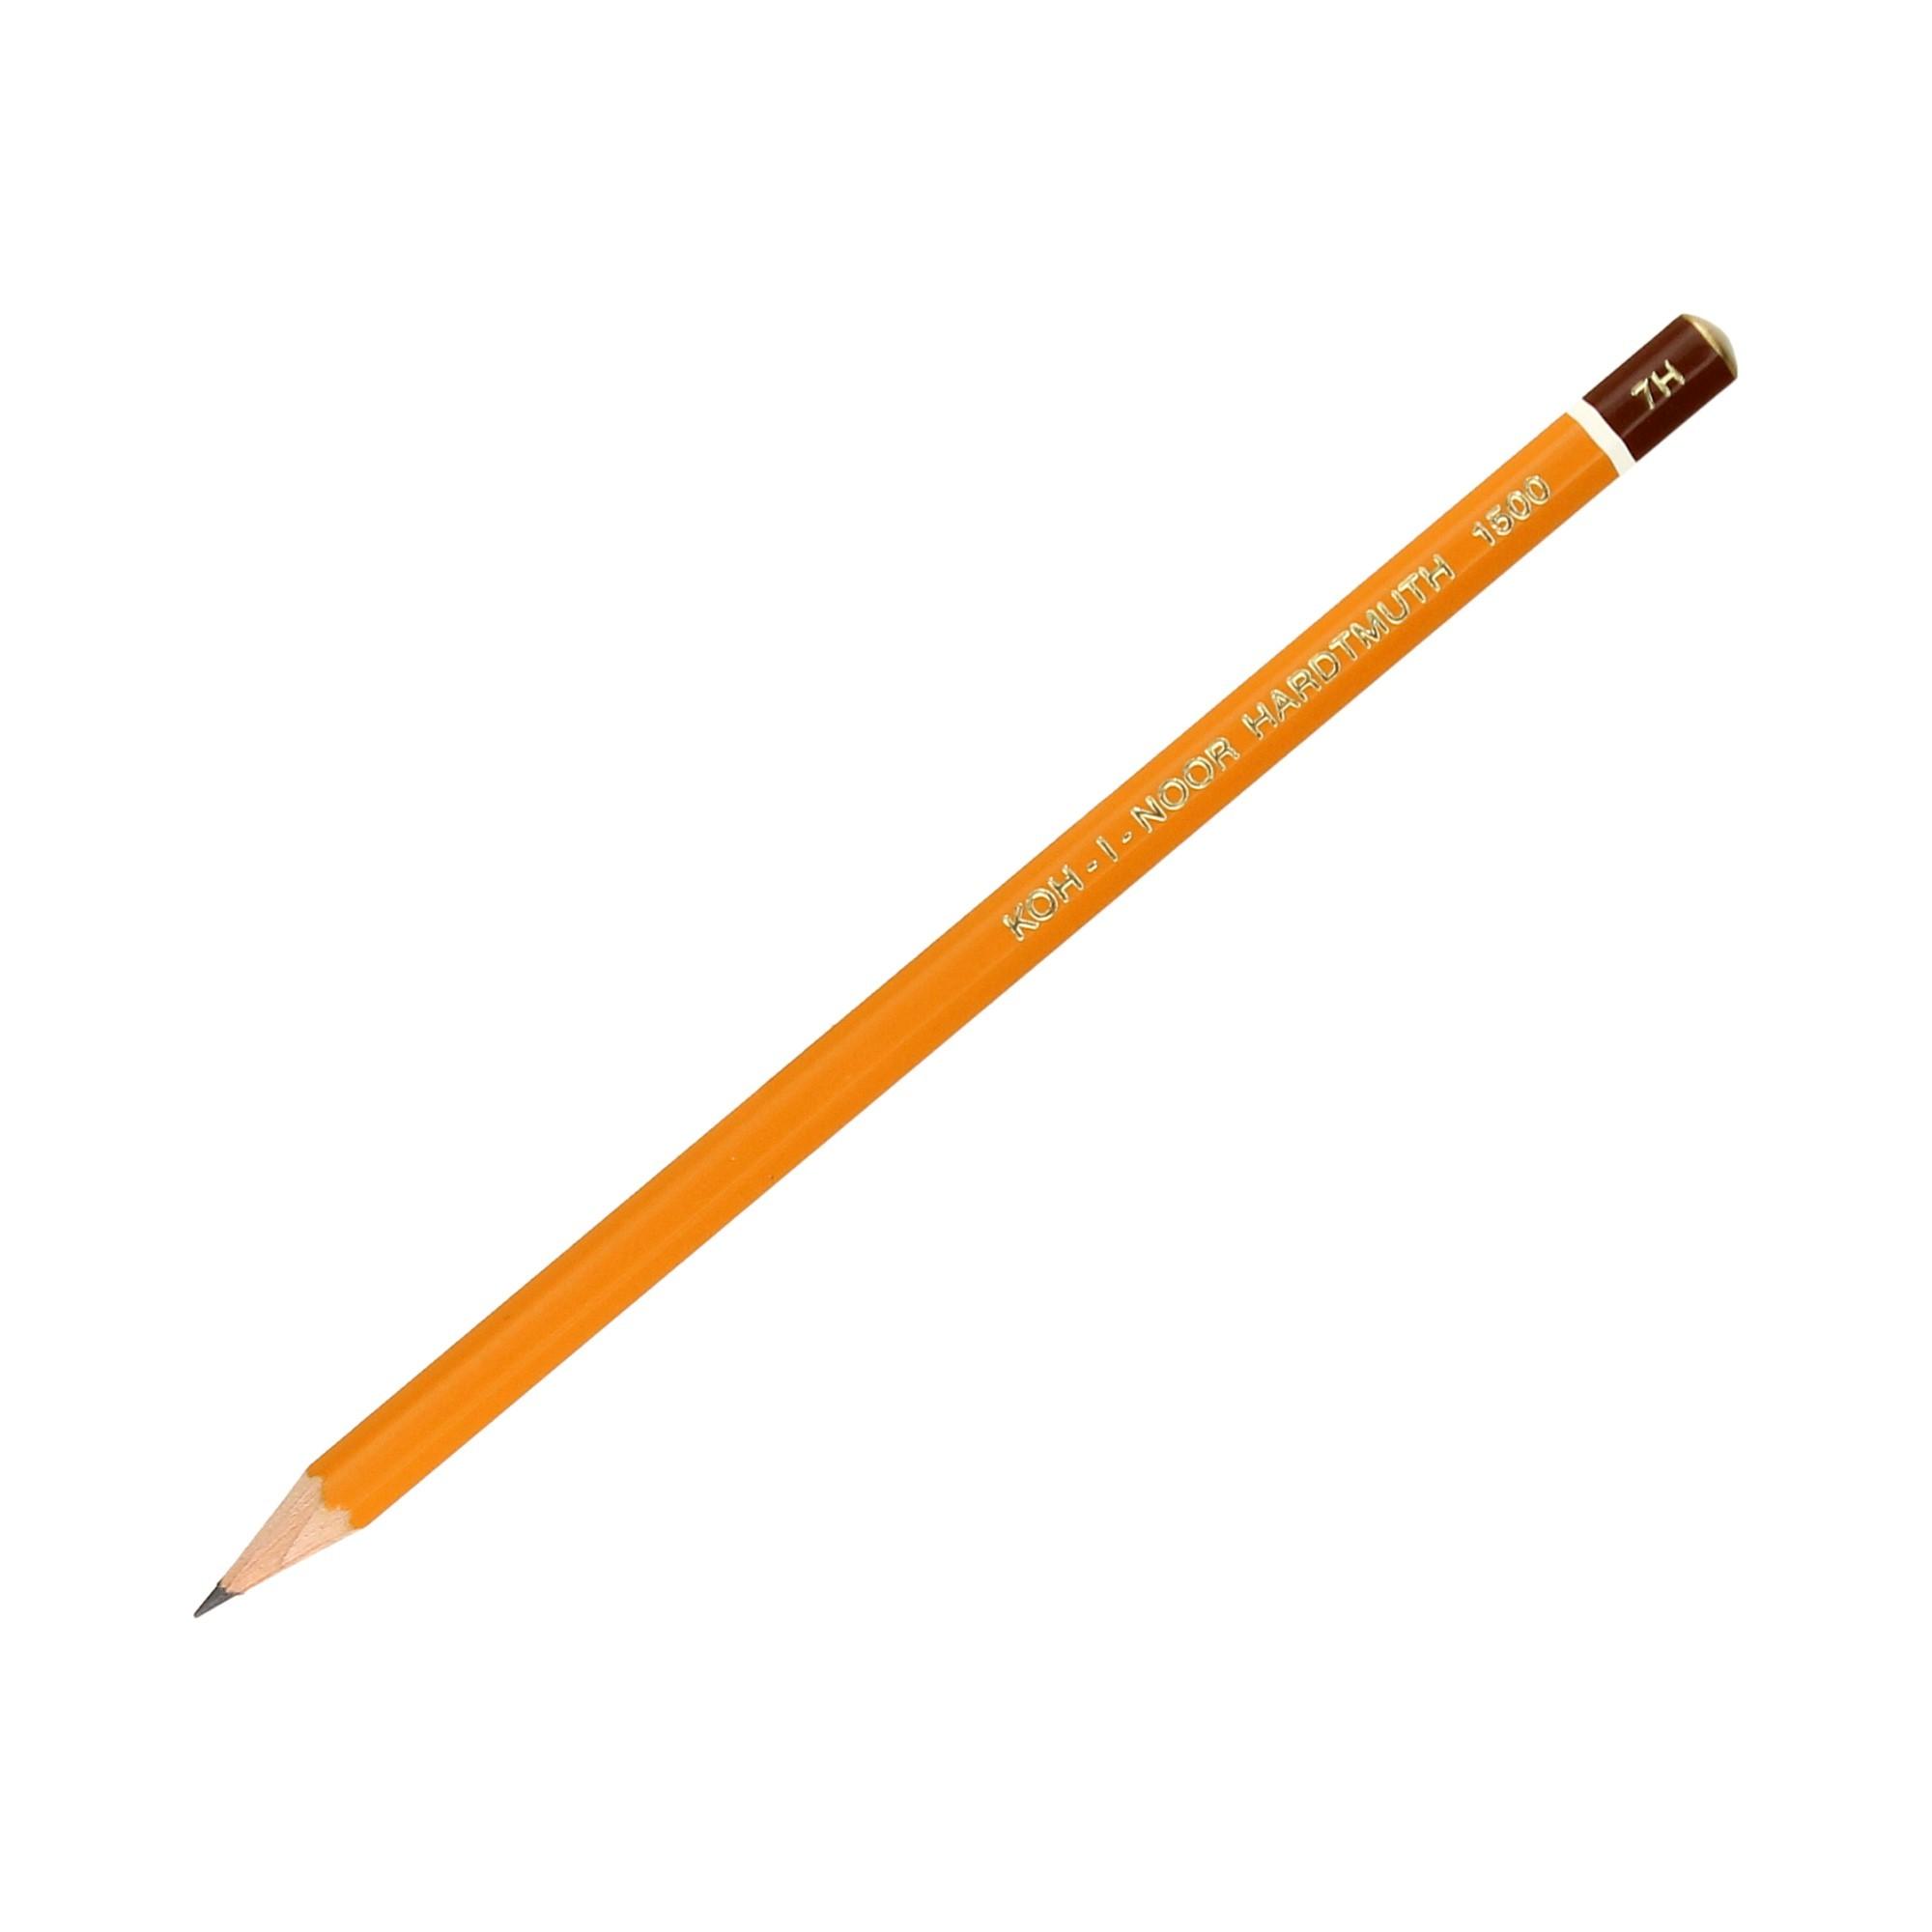 Ołówek techniczny 7H b/g KIN 1500